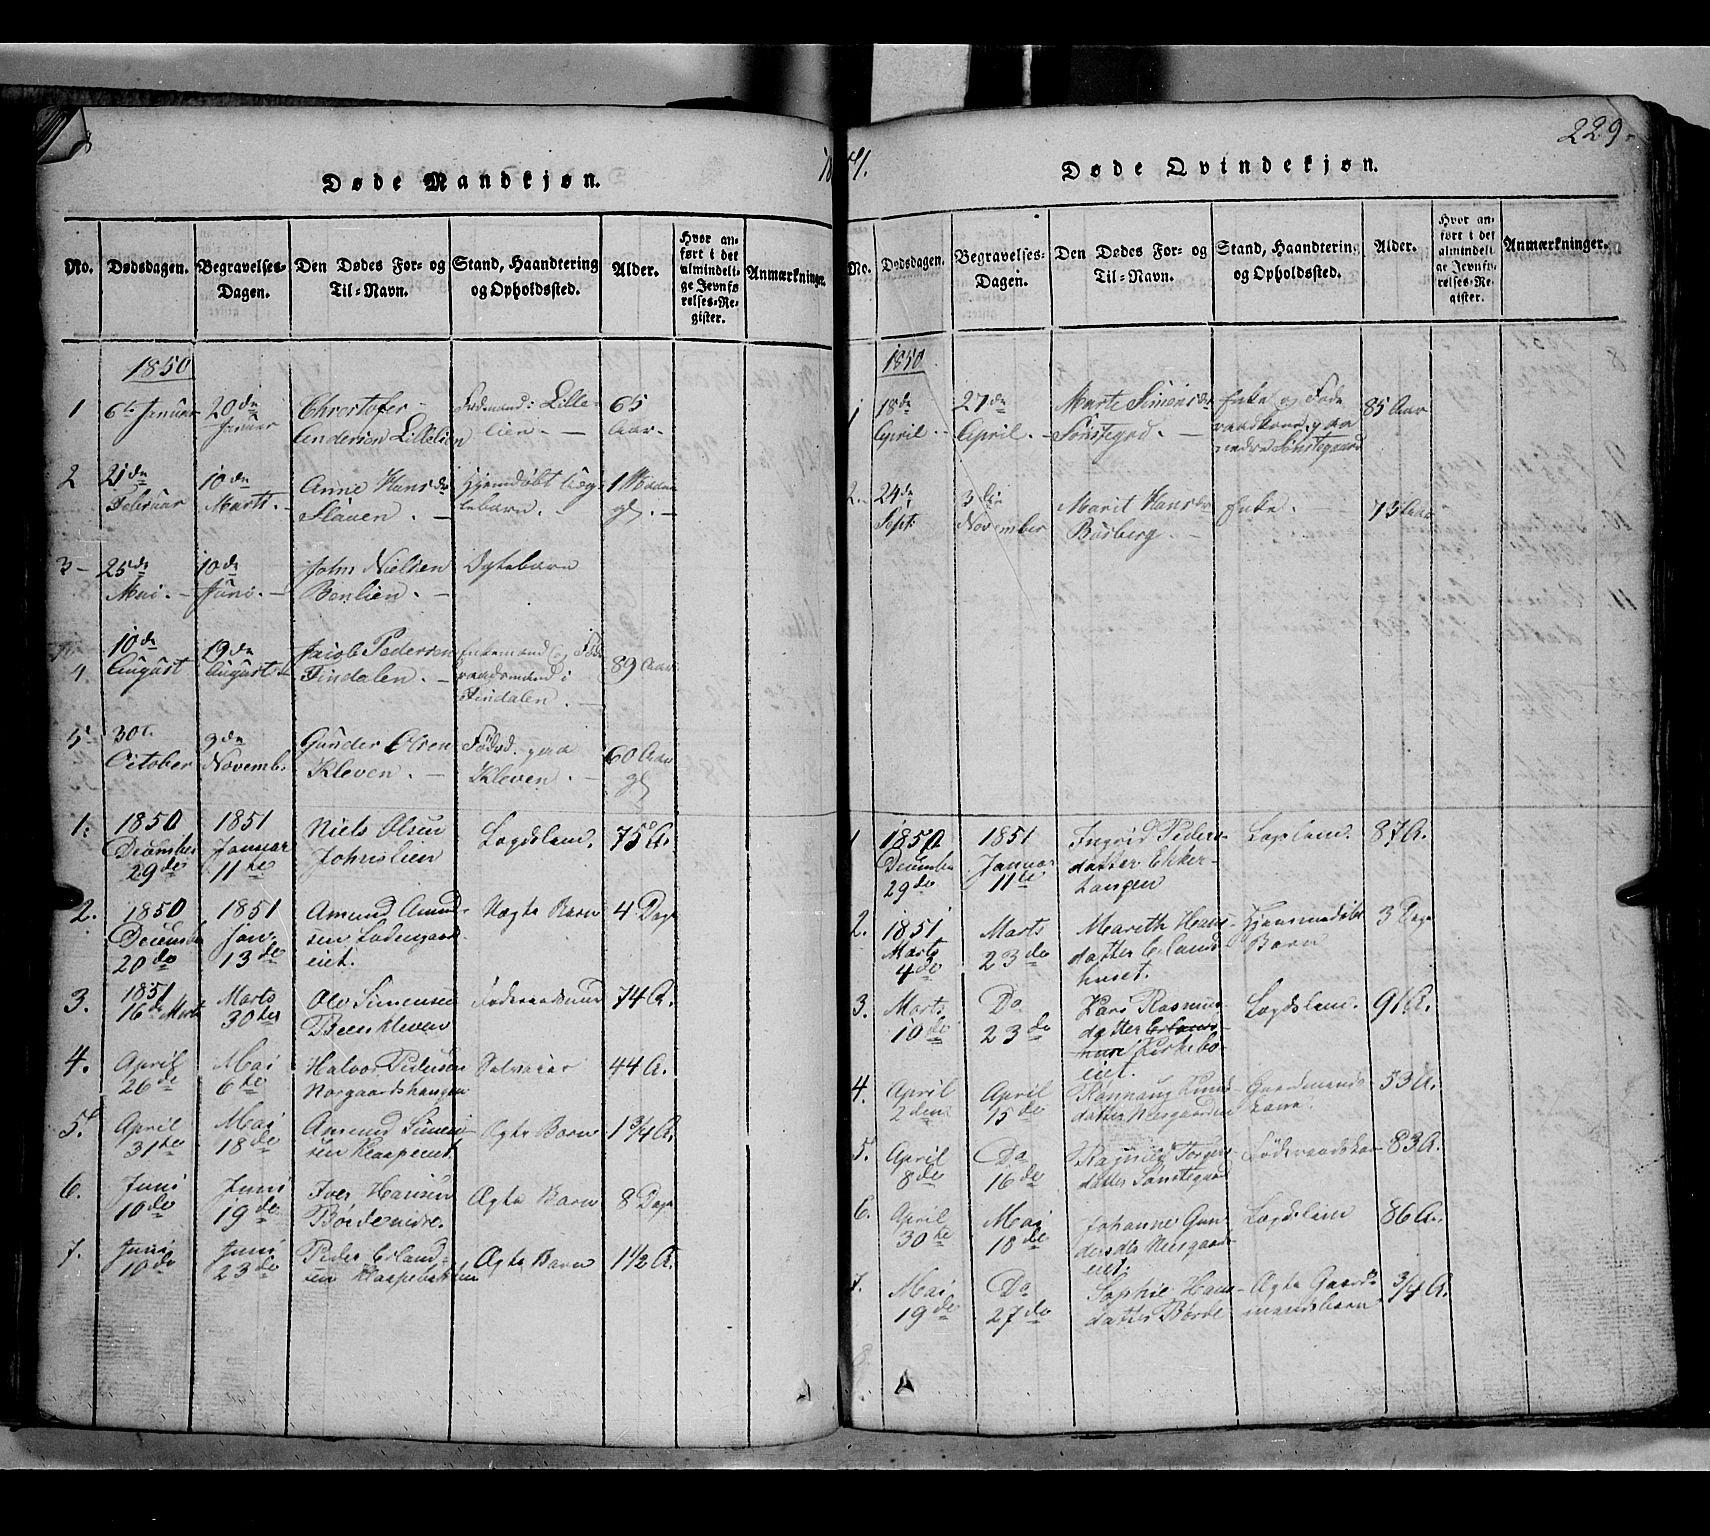 SAH, Gausdal prestekontor, Klokkerbok nr. 2, 1818-1874, s. 228-229